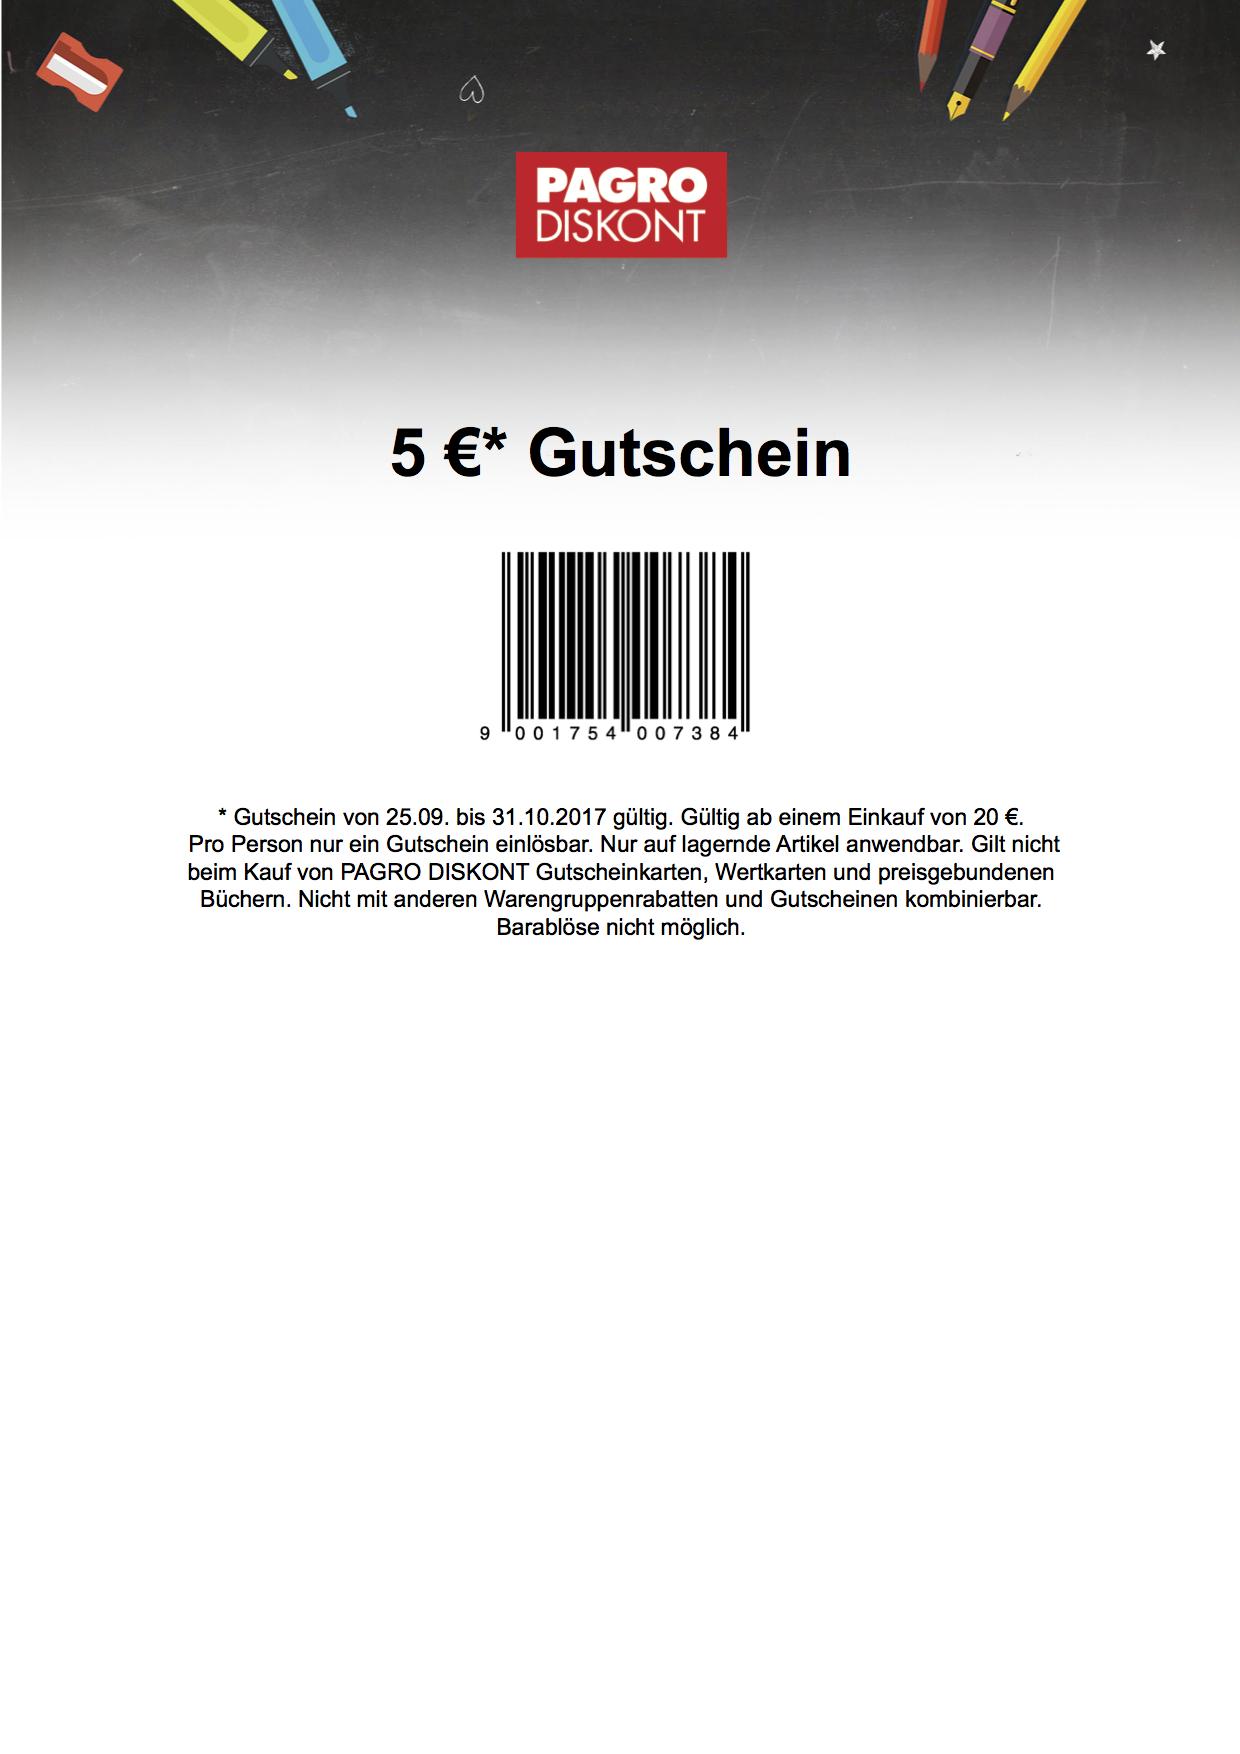 5 € Pagro Gutschein MBW 20 € online  und offline